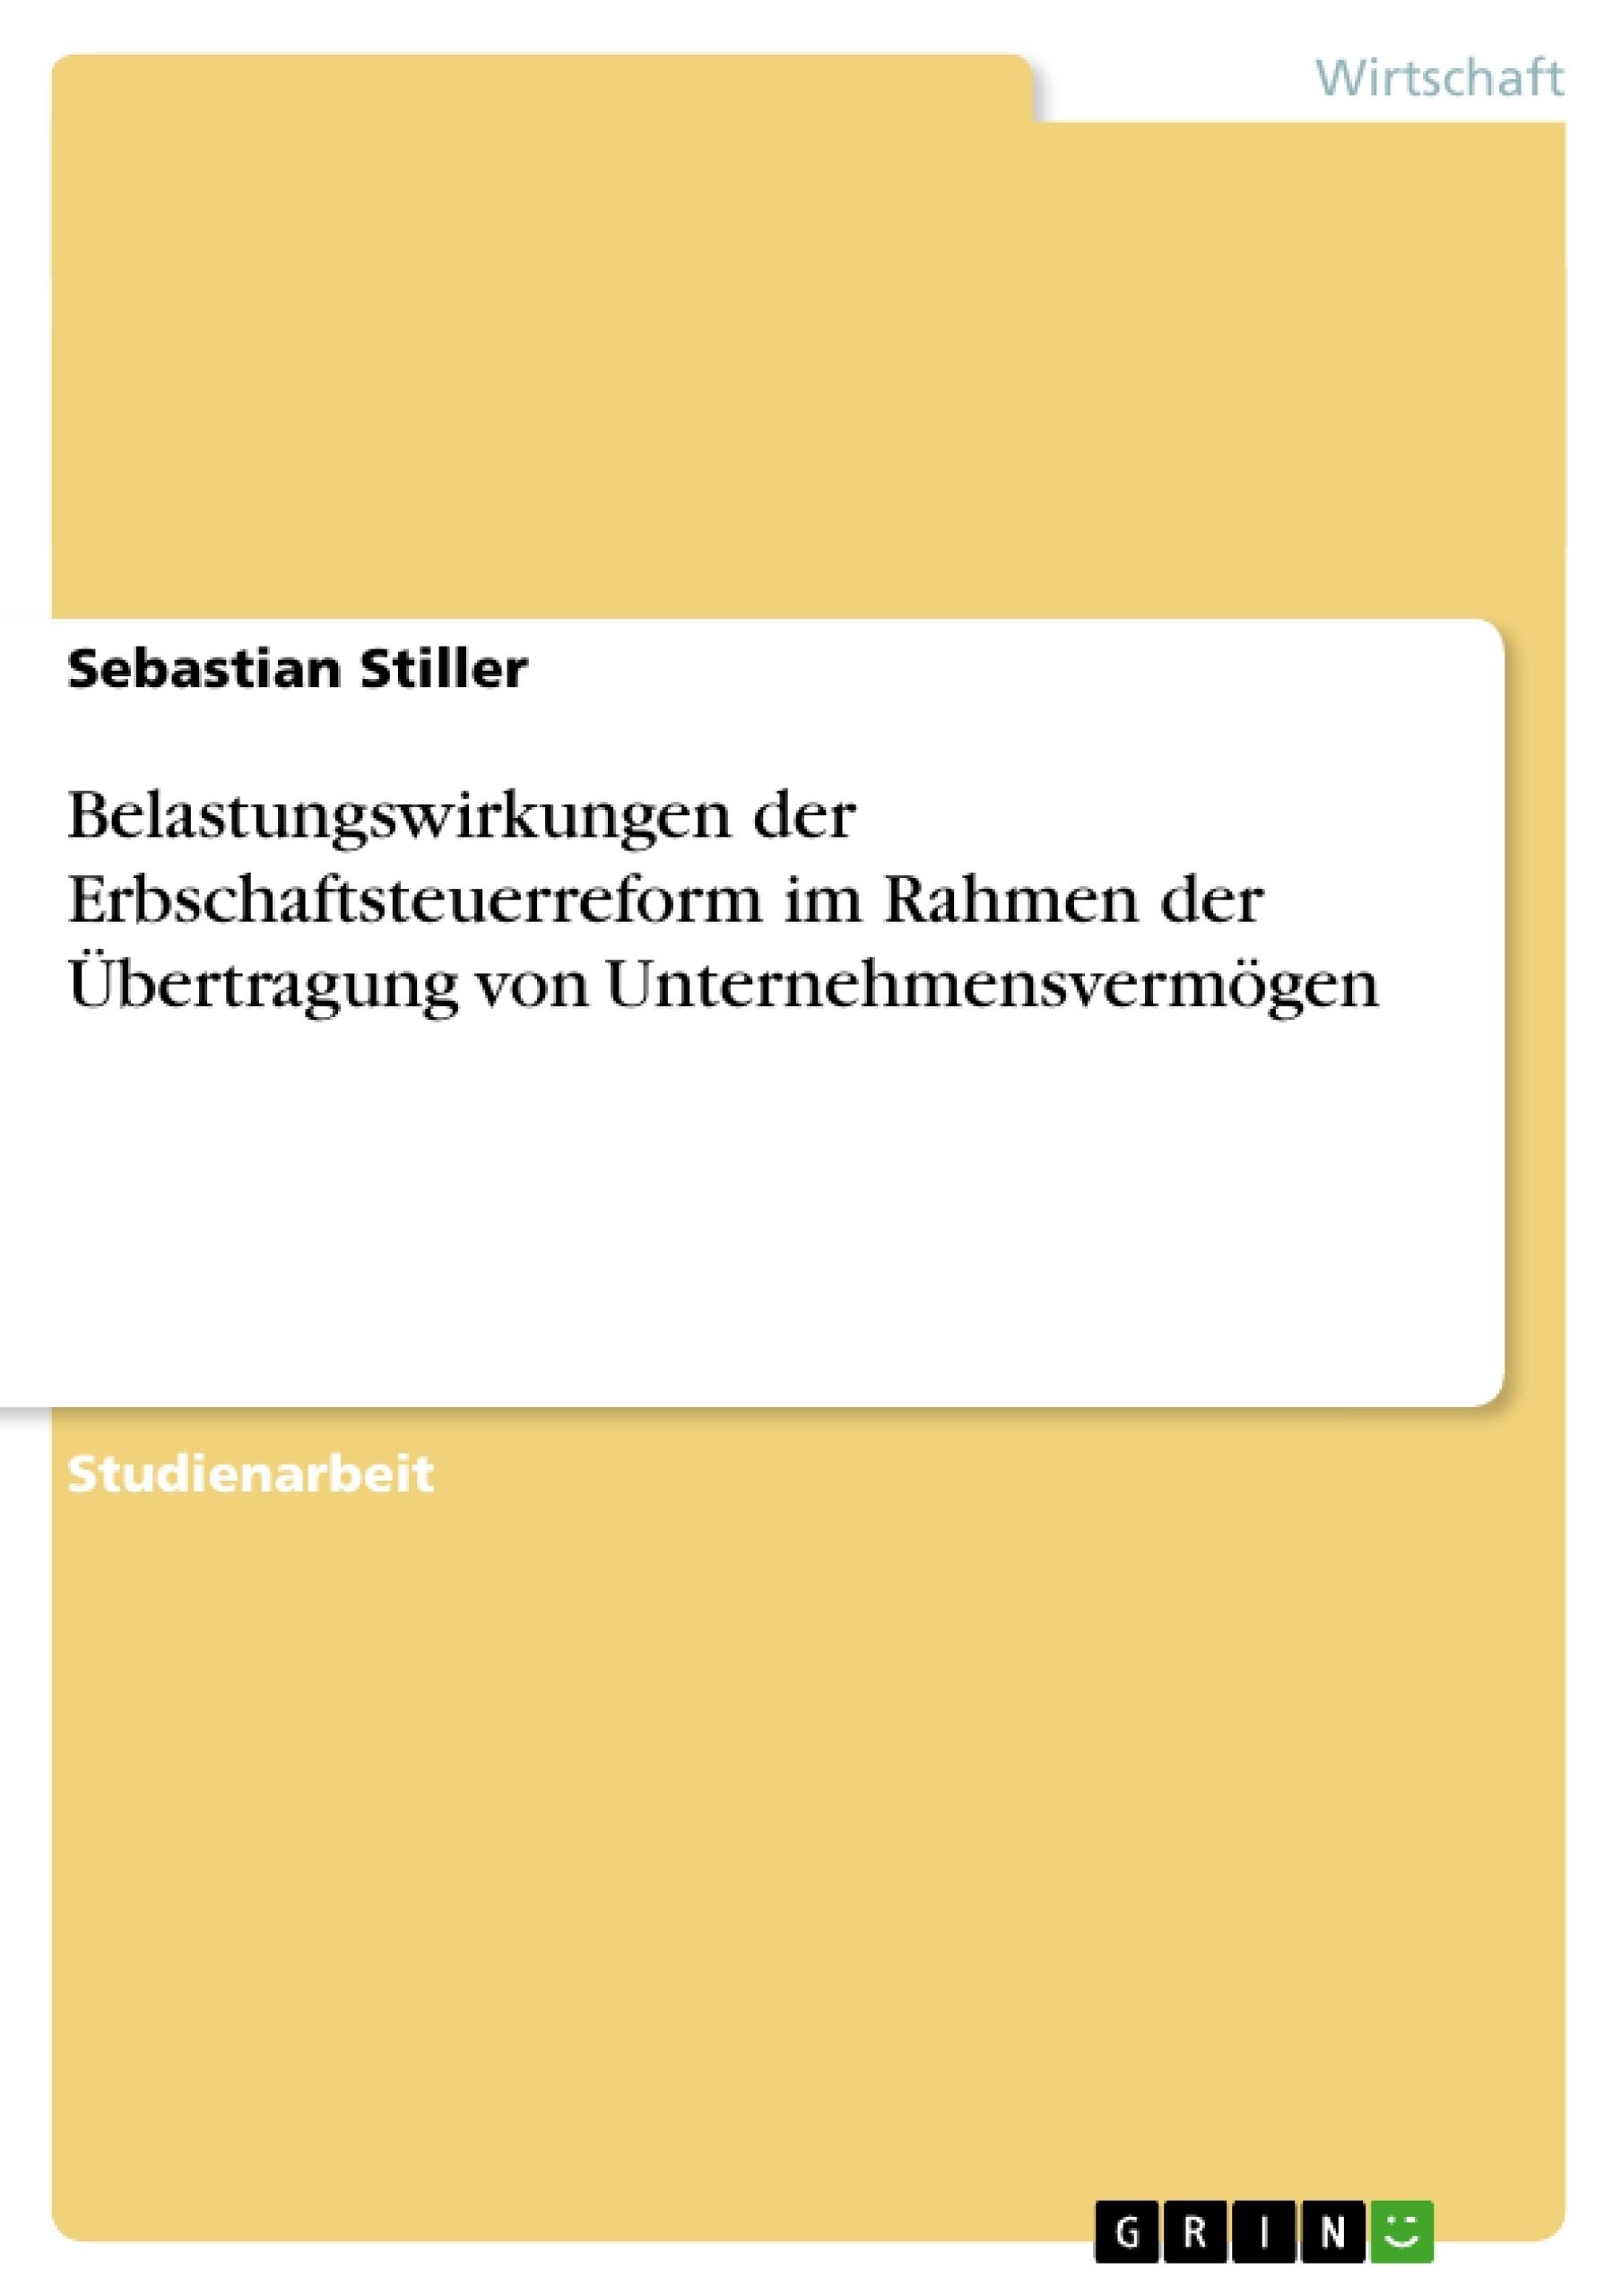 Titel: Belastungswirkungen der Erbschaftsteuerreform im Rahmen der Übertragung von Unternehmensvermögen